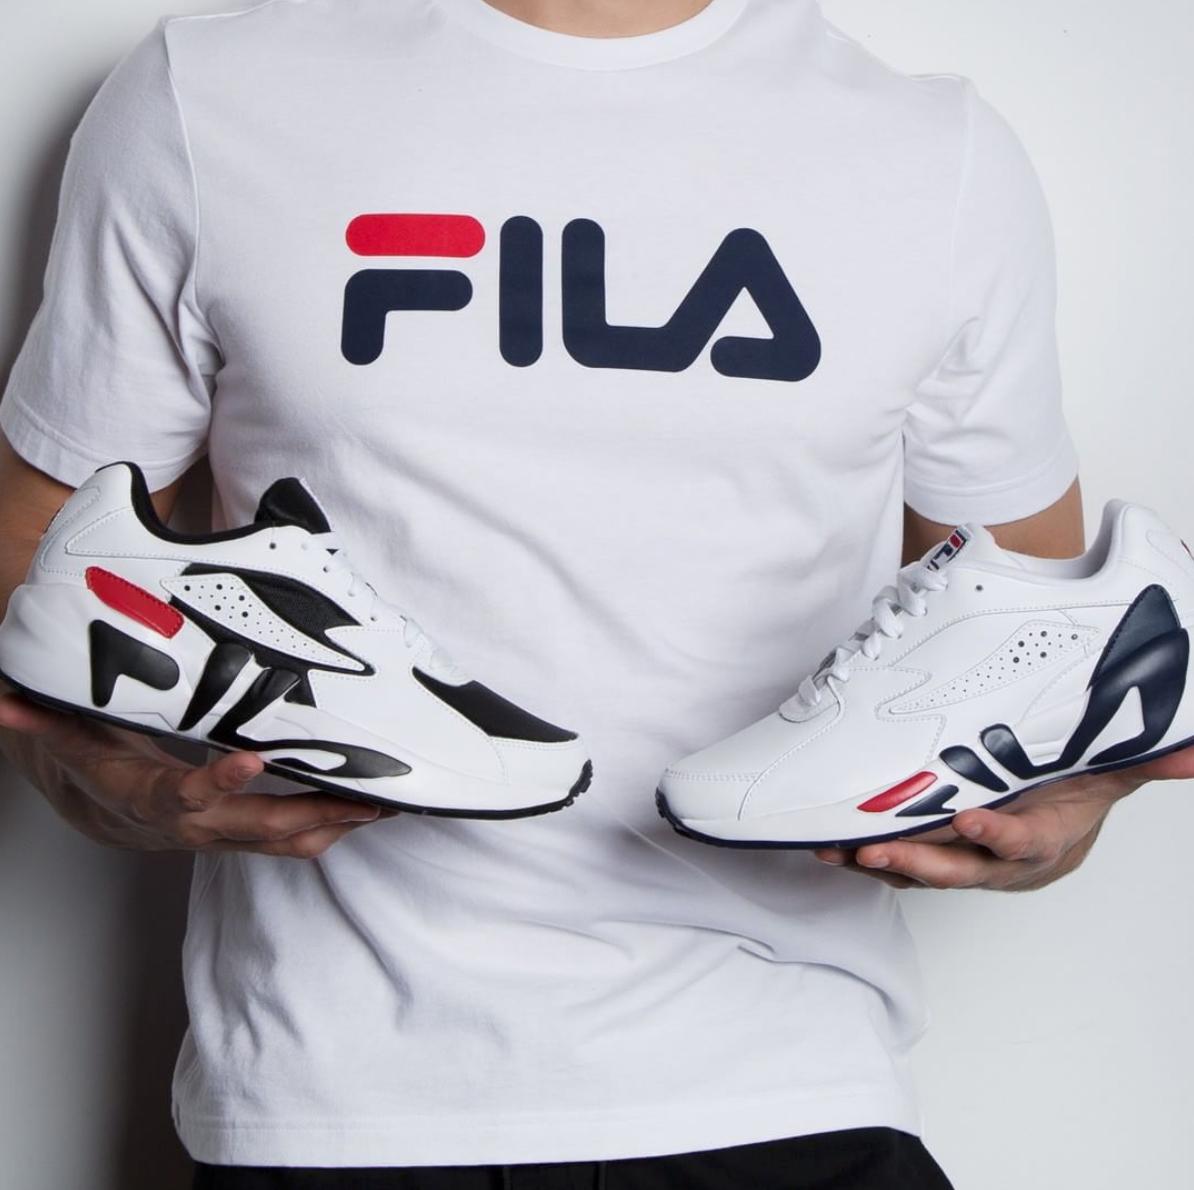 fila-mindblower-shirts-to-match